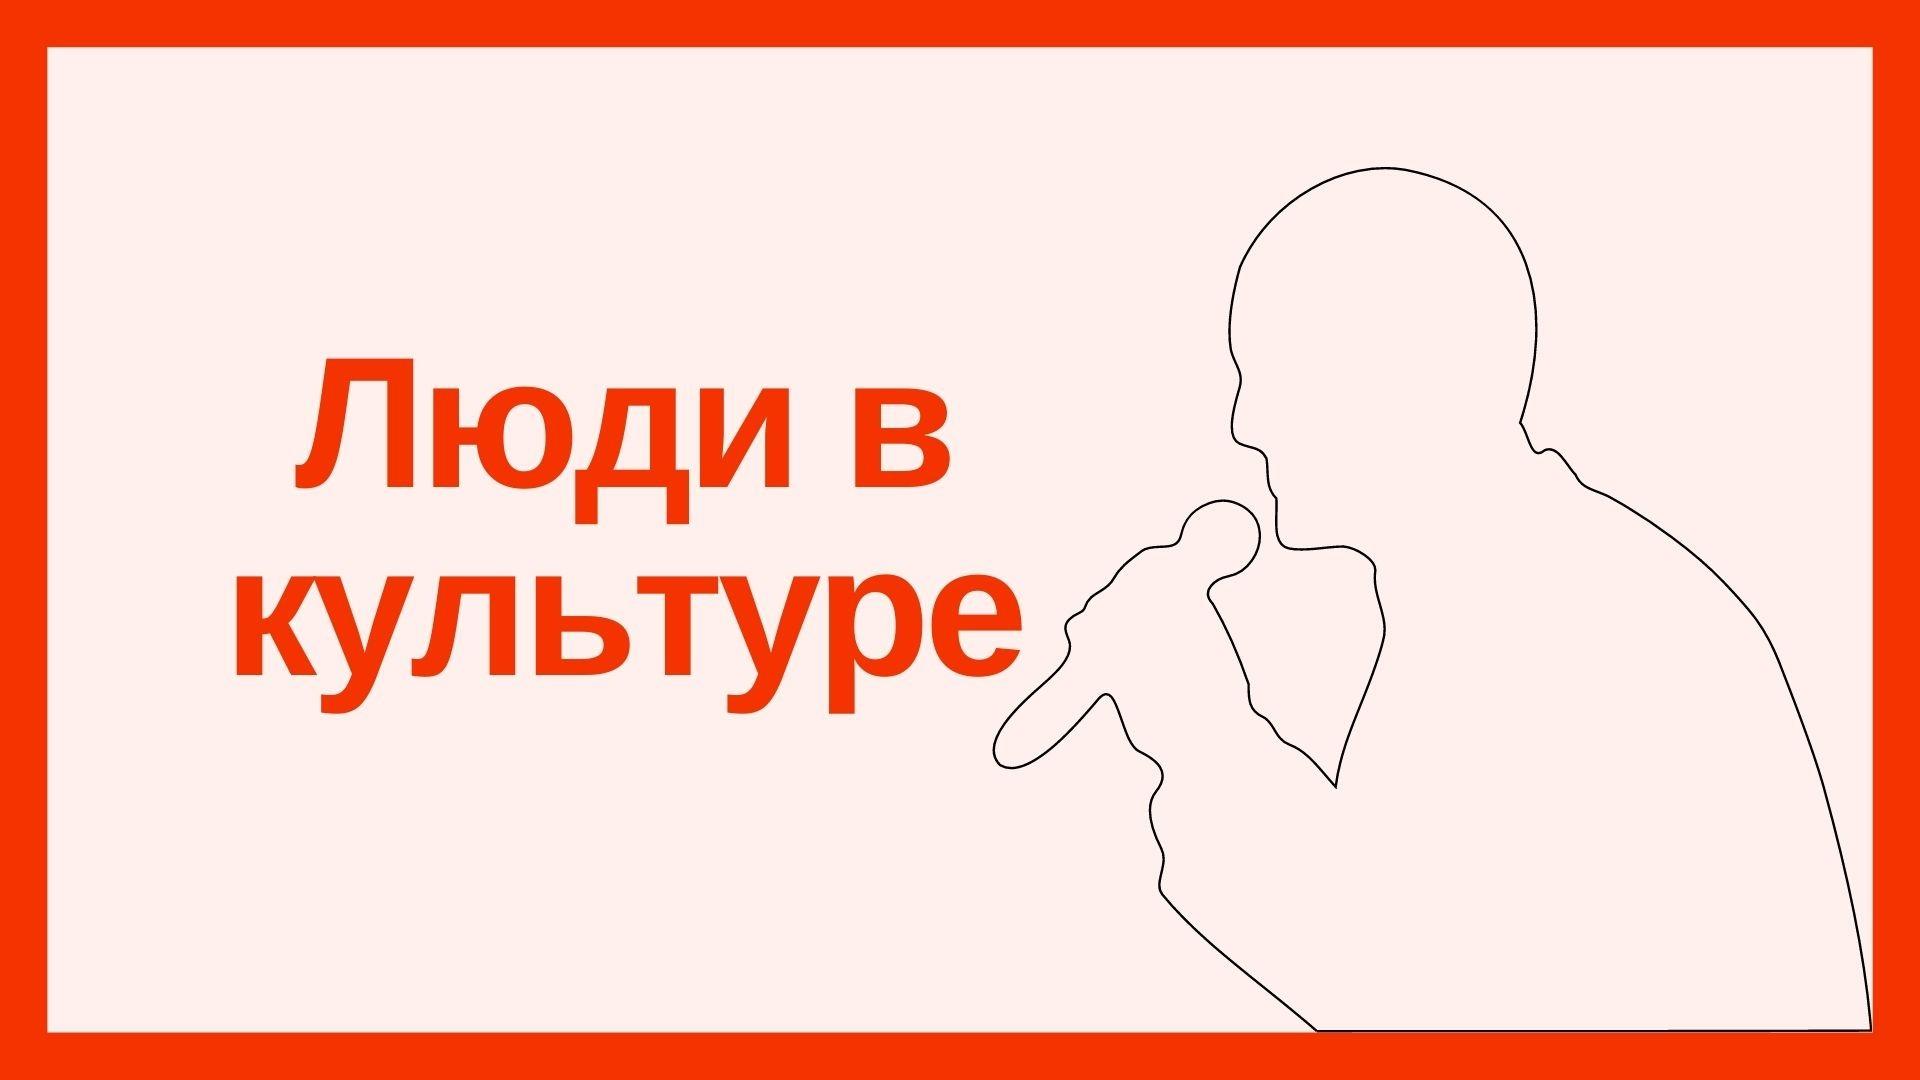 Люди вкультуре— музыкант Павел Артемьев